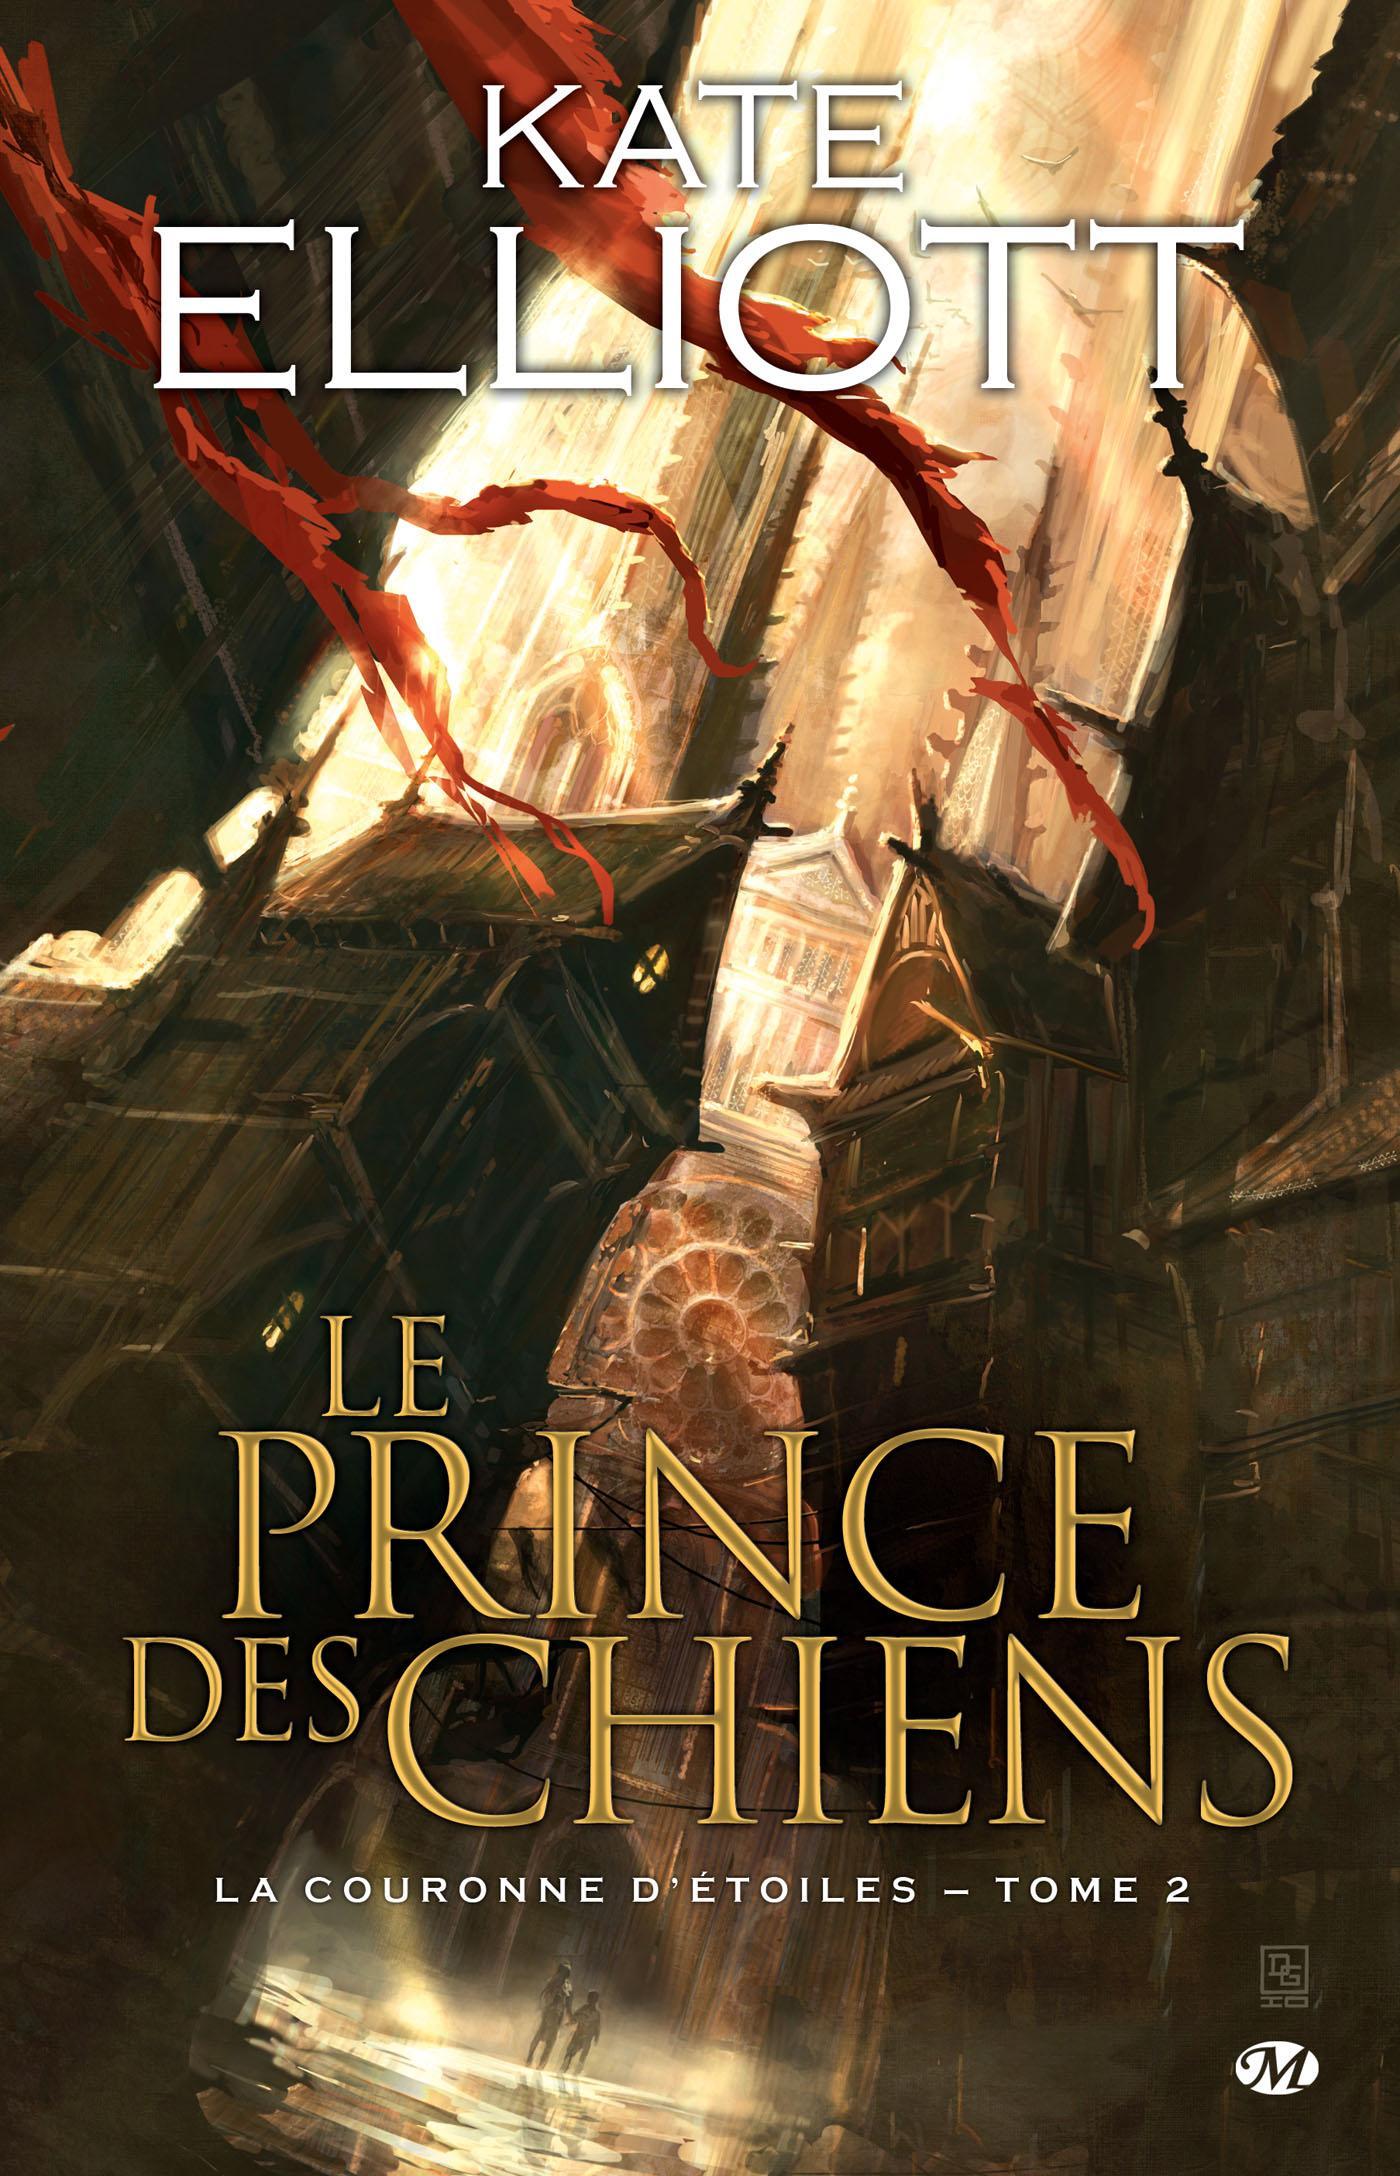 Le Prince des chiens, LA COURONNE D'ÉTOILES, T2